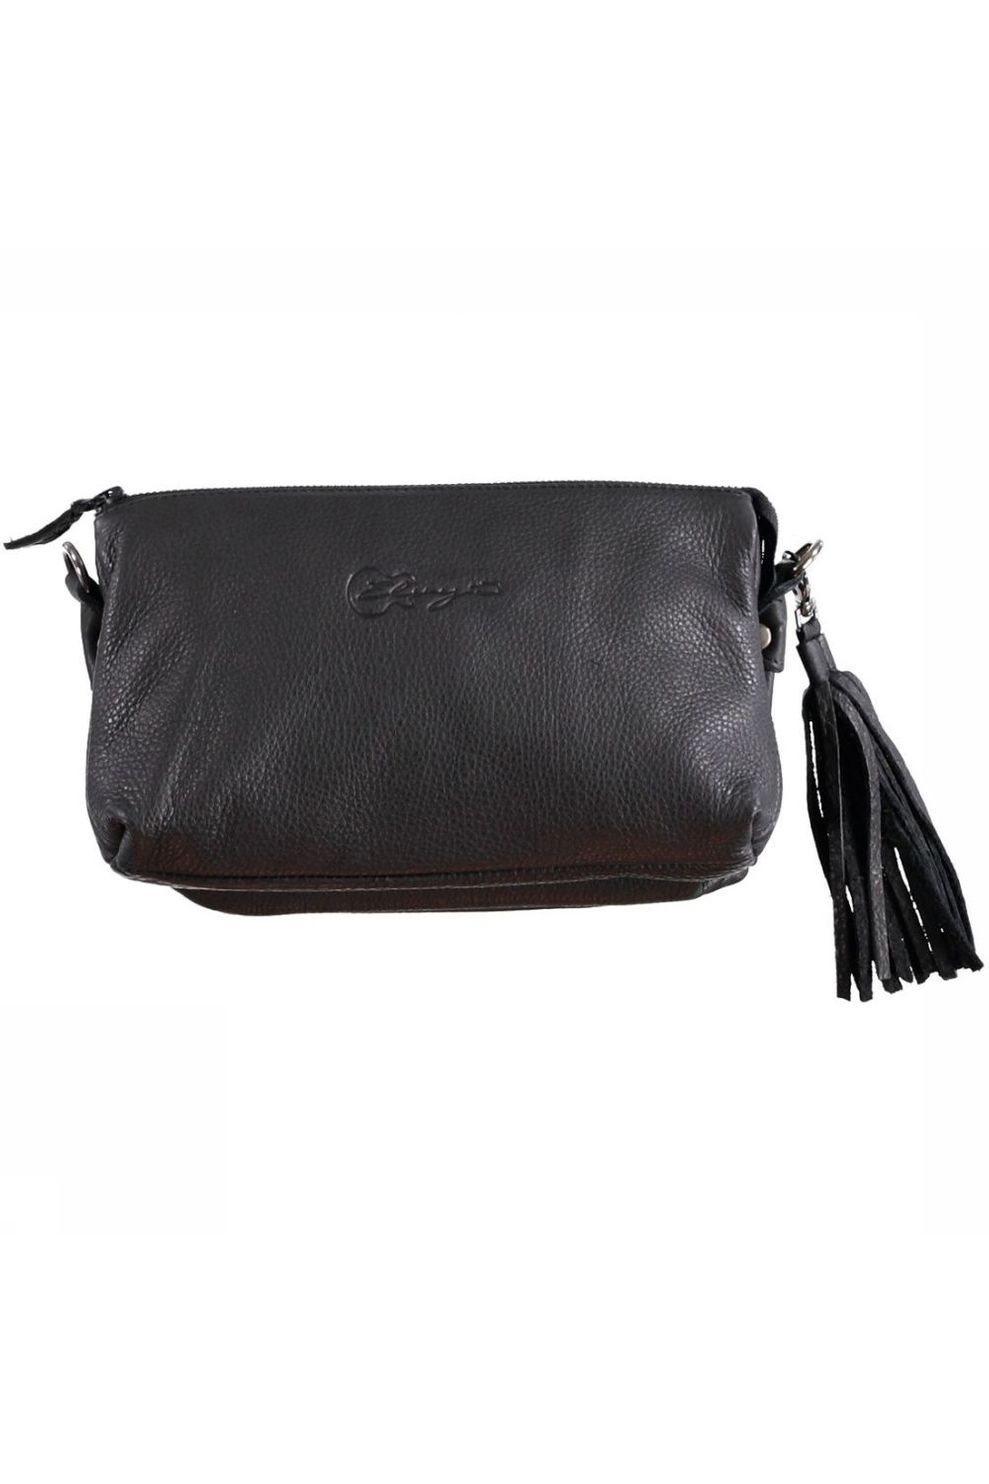 Jolie zipperbag